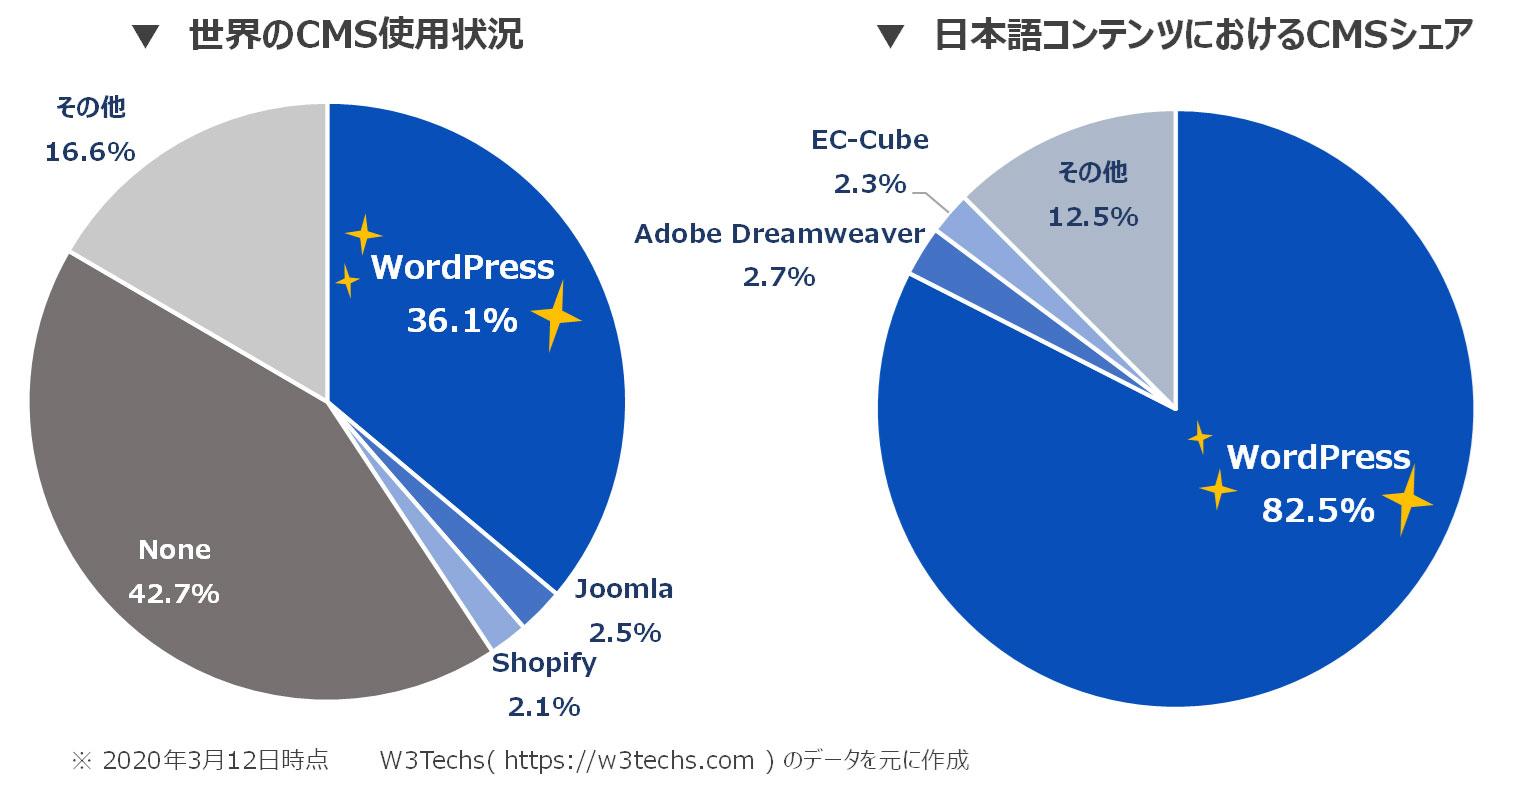 【修正】グラフ